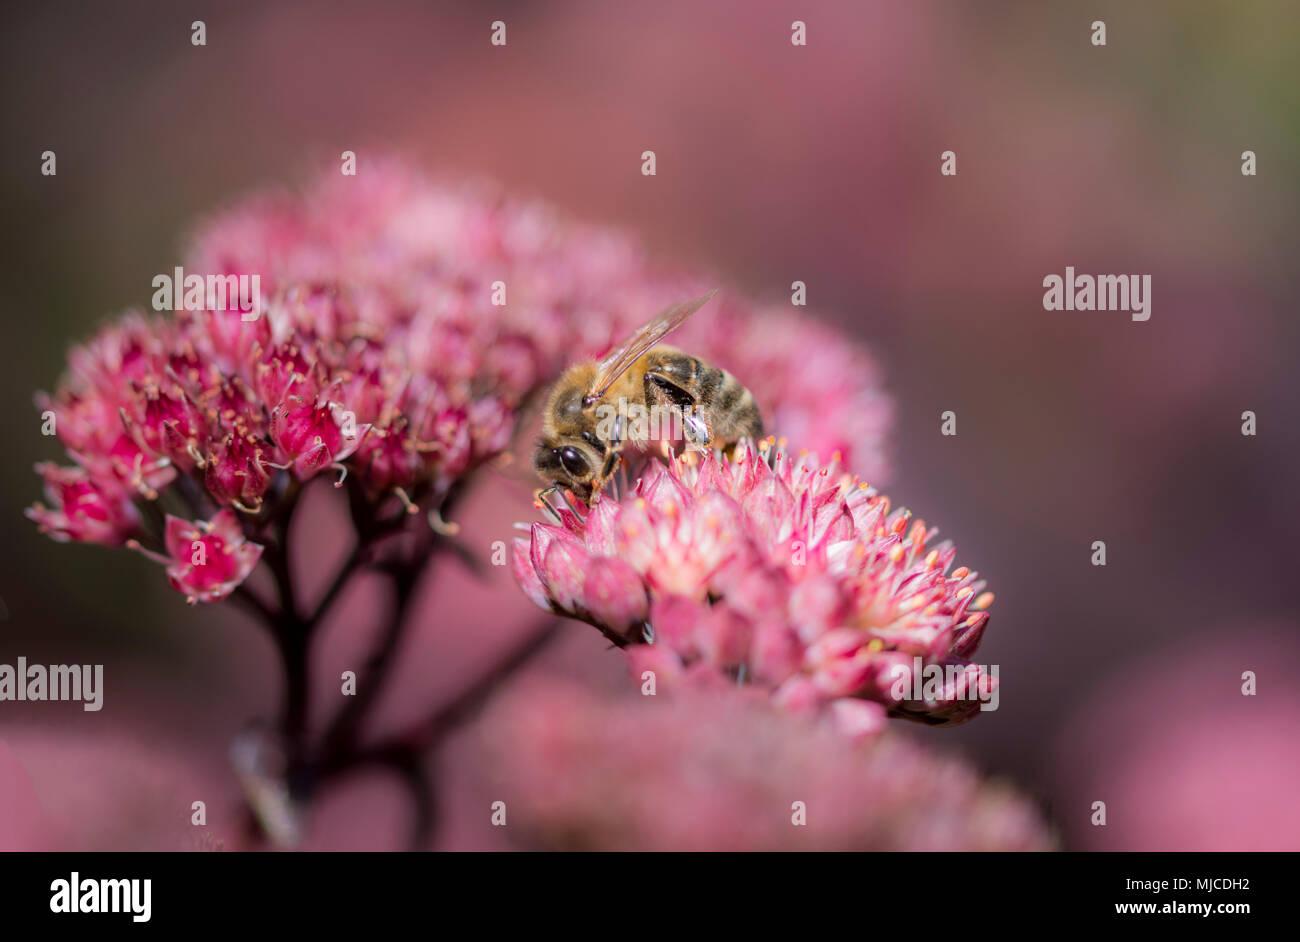 Honig Bienen Pollen sammeln auf Pflanzen in meinem Garten Stockbild